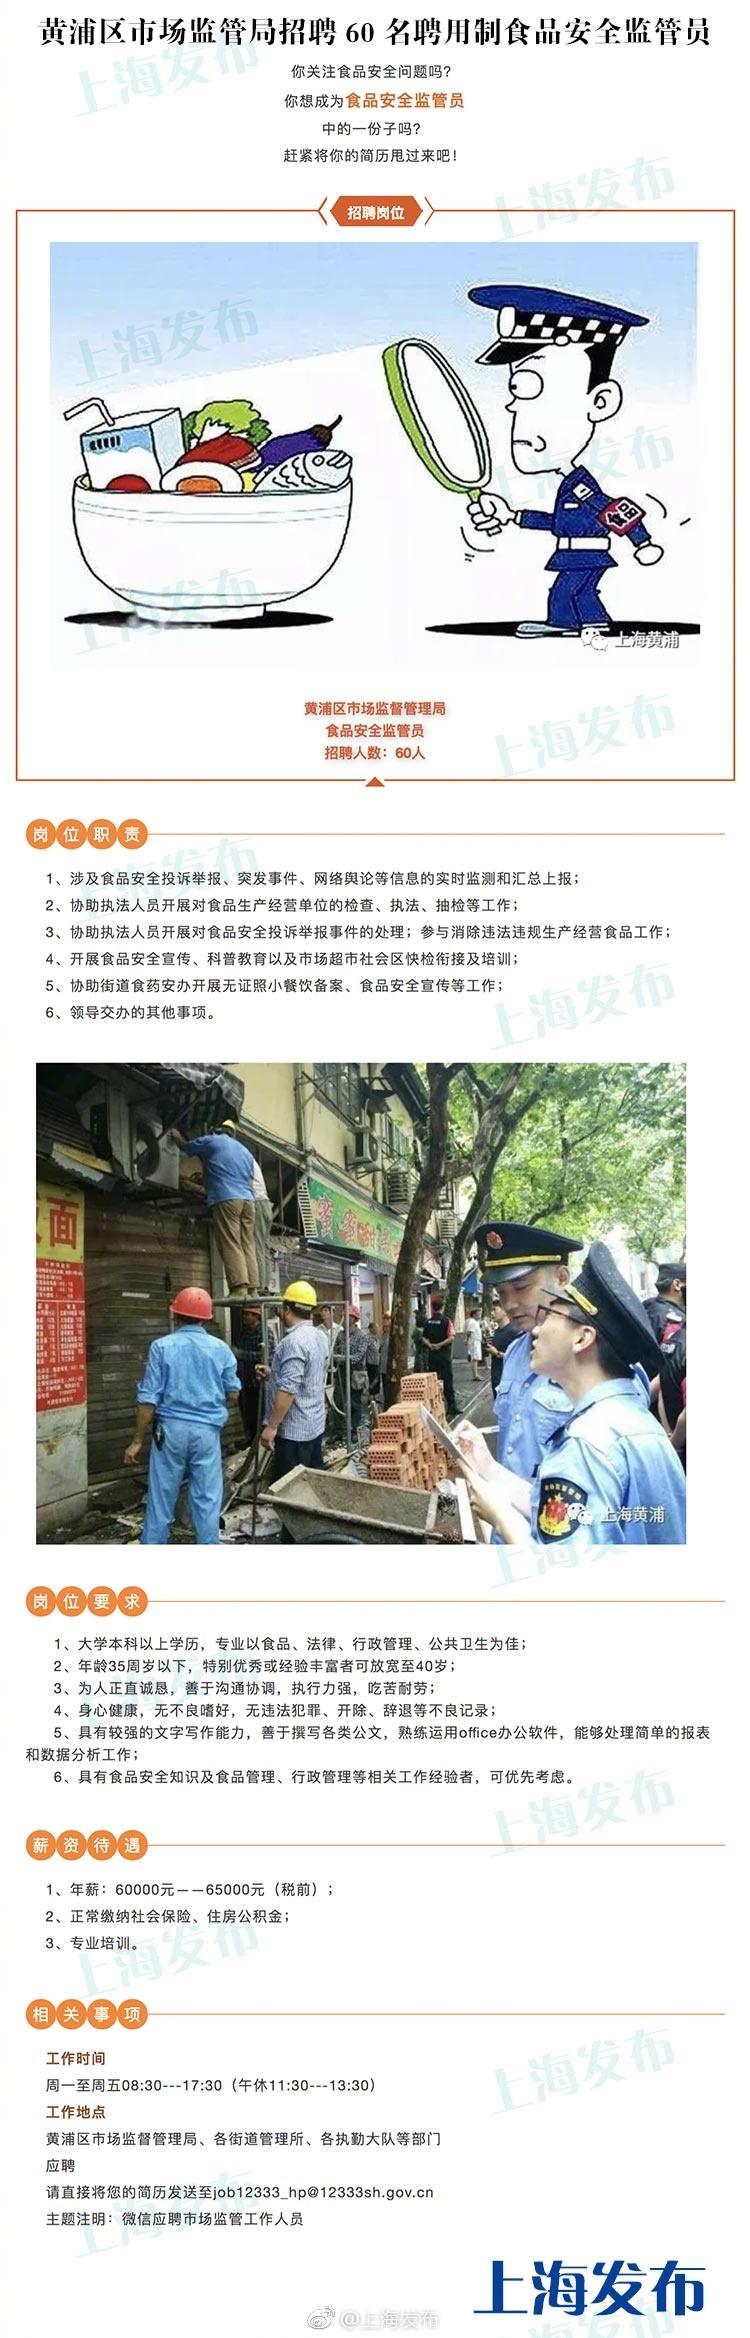 上海黄浦市场监管局招聘60名聘用制食品安全监管员